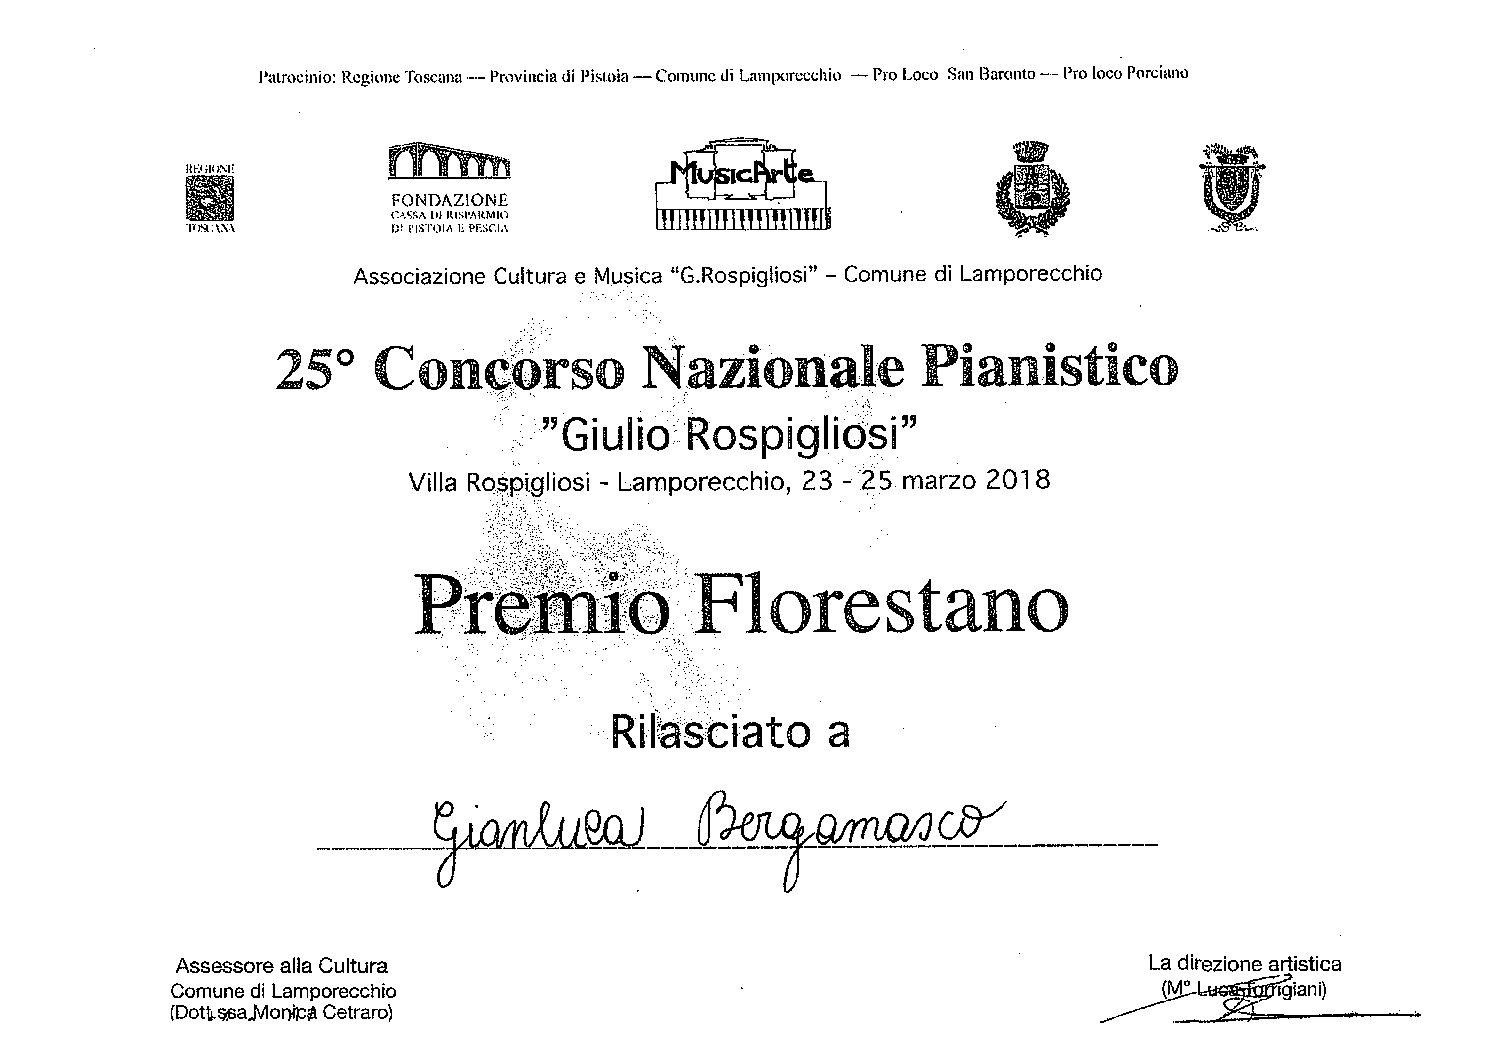 Gianluca Bergamasco – II premio 25° Concorso Nazionale Pianistico Giulio Rospigliosi